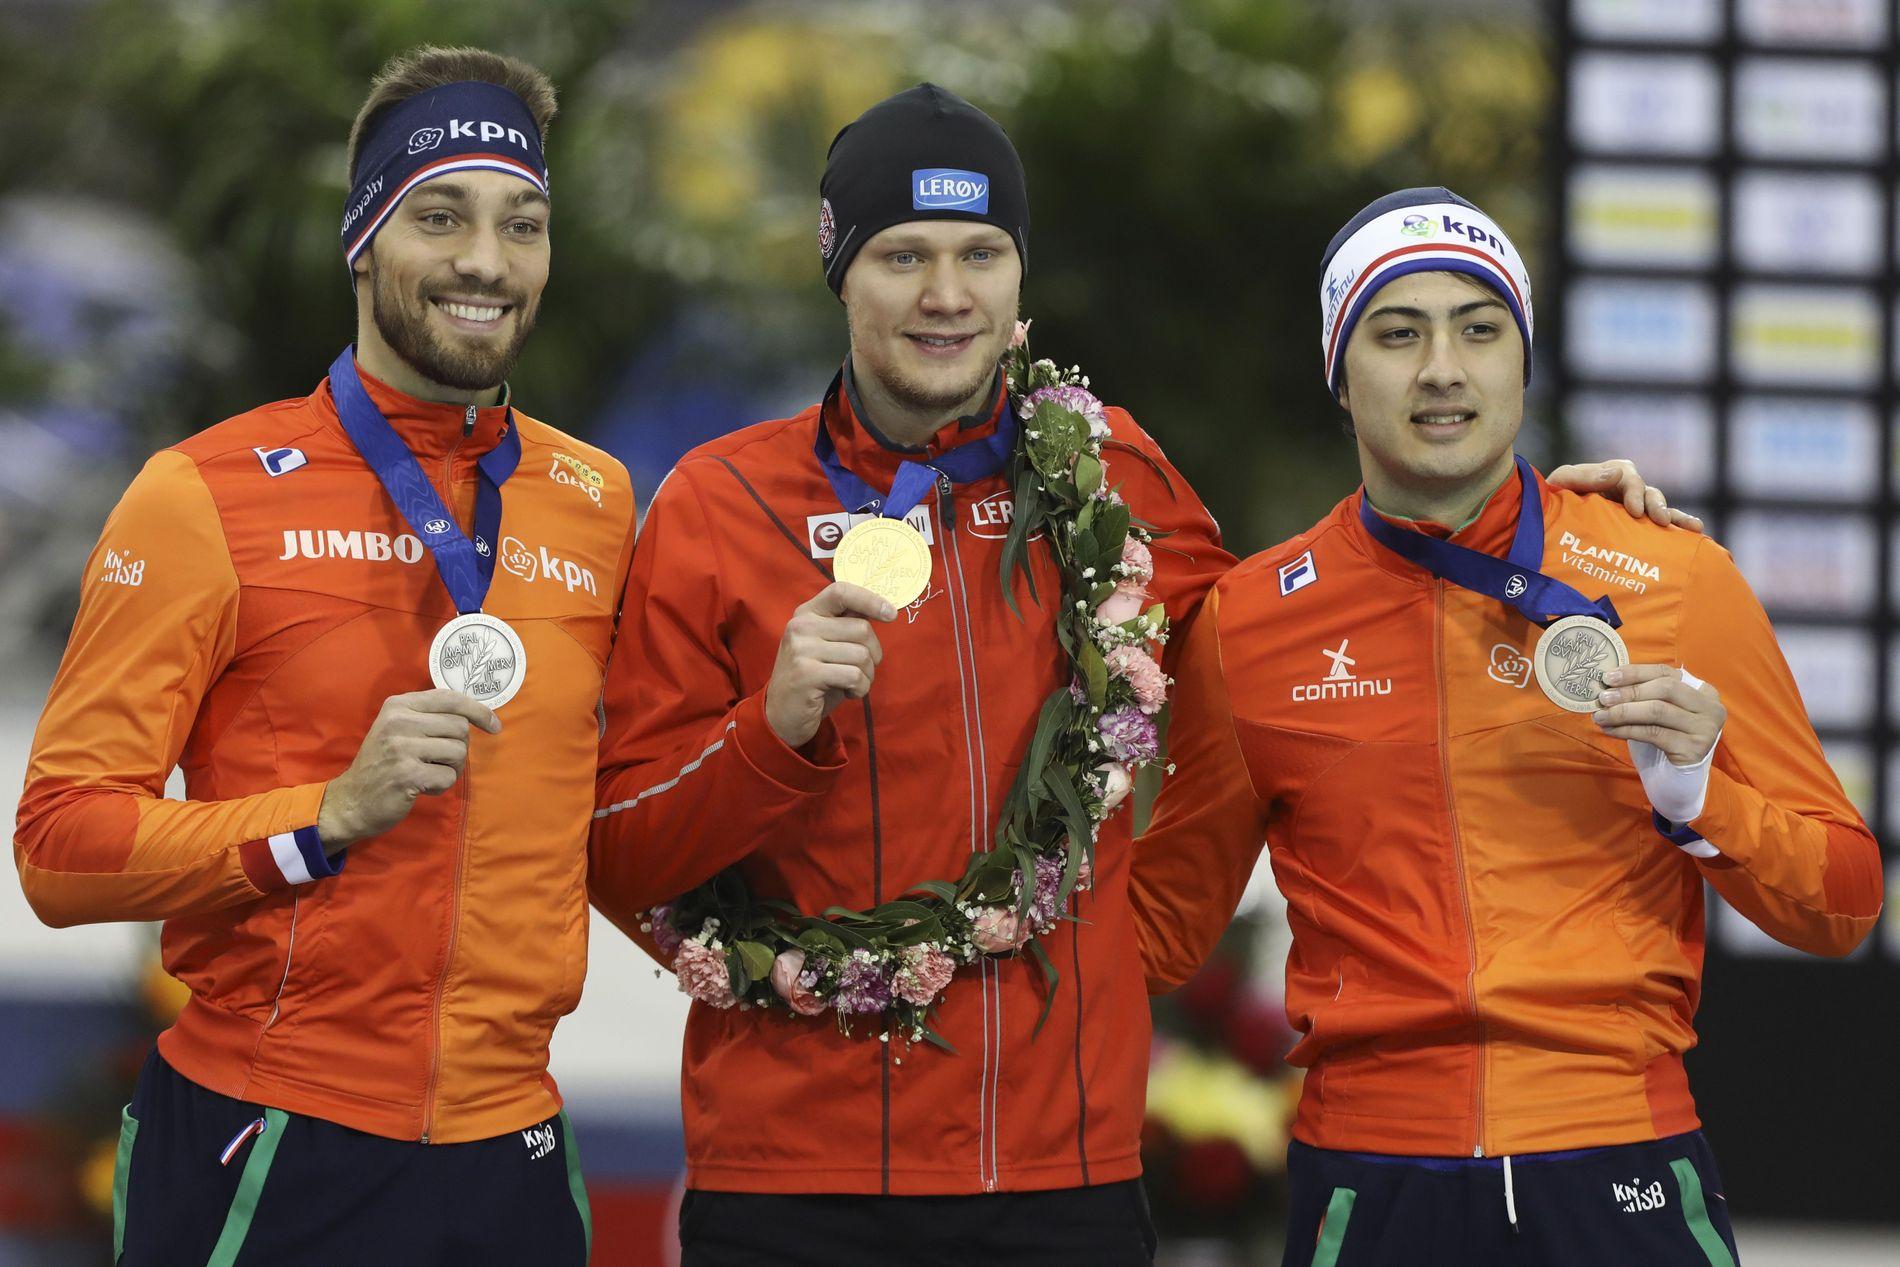 USUAL SUSPECTS: Håvard Lorentzen ble sprintverdensmester sammenlagt i Kina i fjor, et par uker etter at han hadde vunnet OL-gull på 500 meter. Til venstre Nederlands sølvvinner Kjeld Nuis, til høyre hans landsmann Kai Verbij.